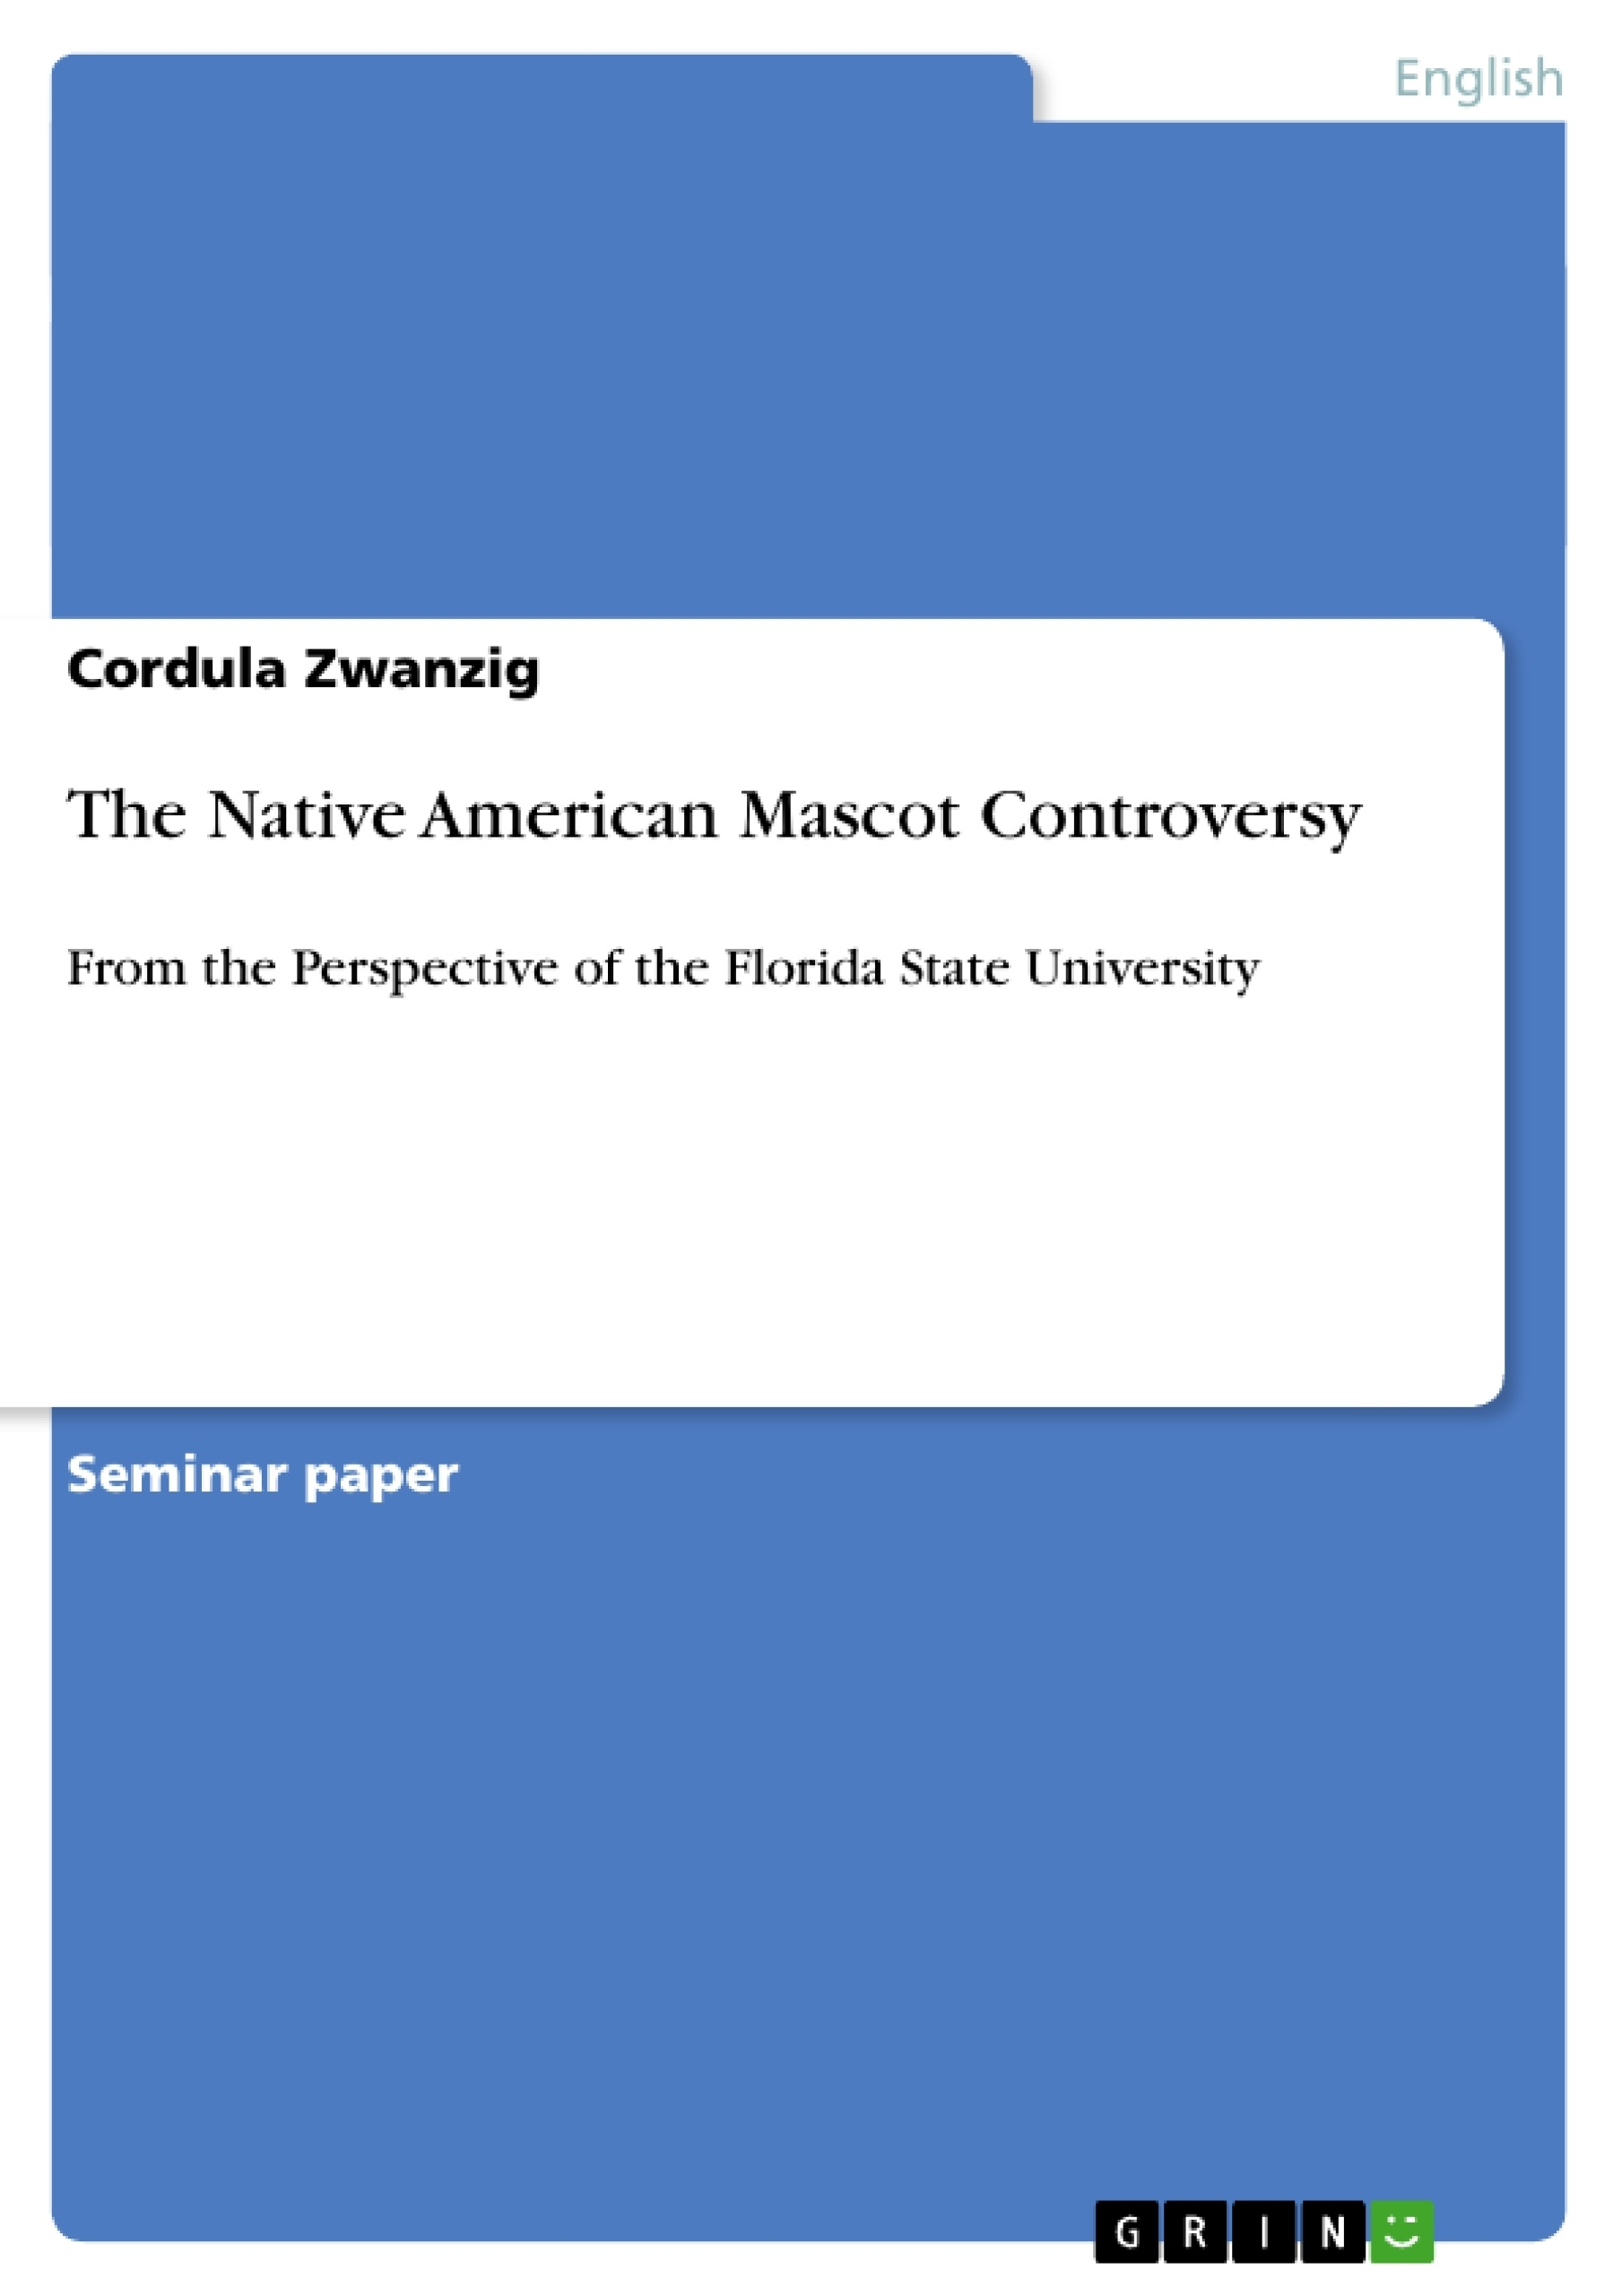 Title: The Native American Mascot Controversy